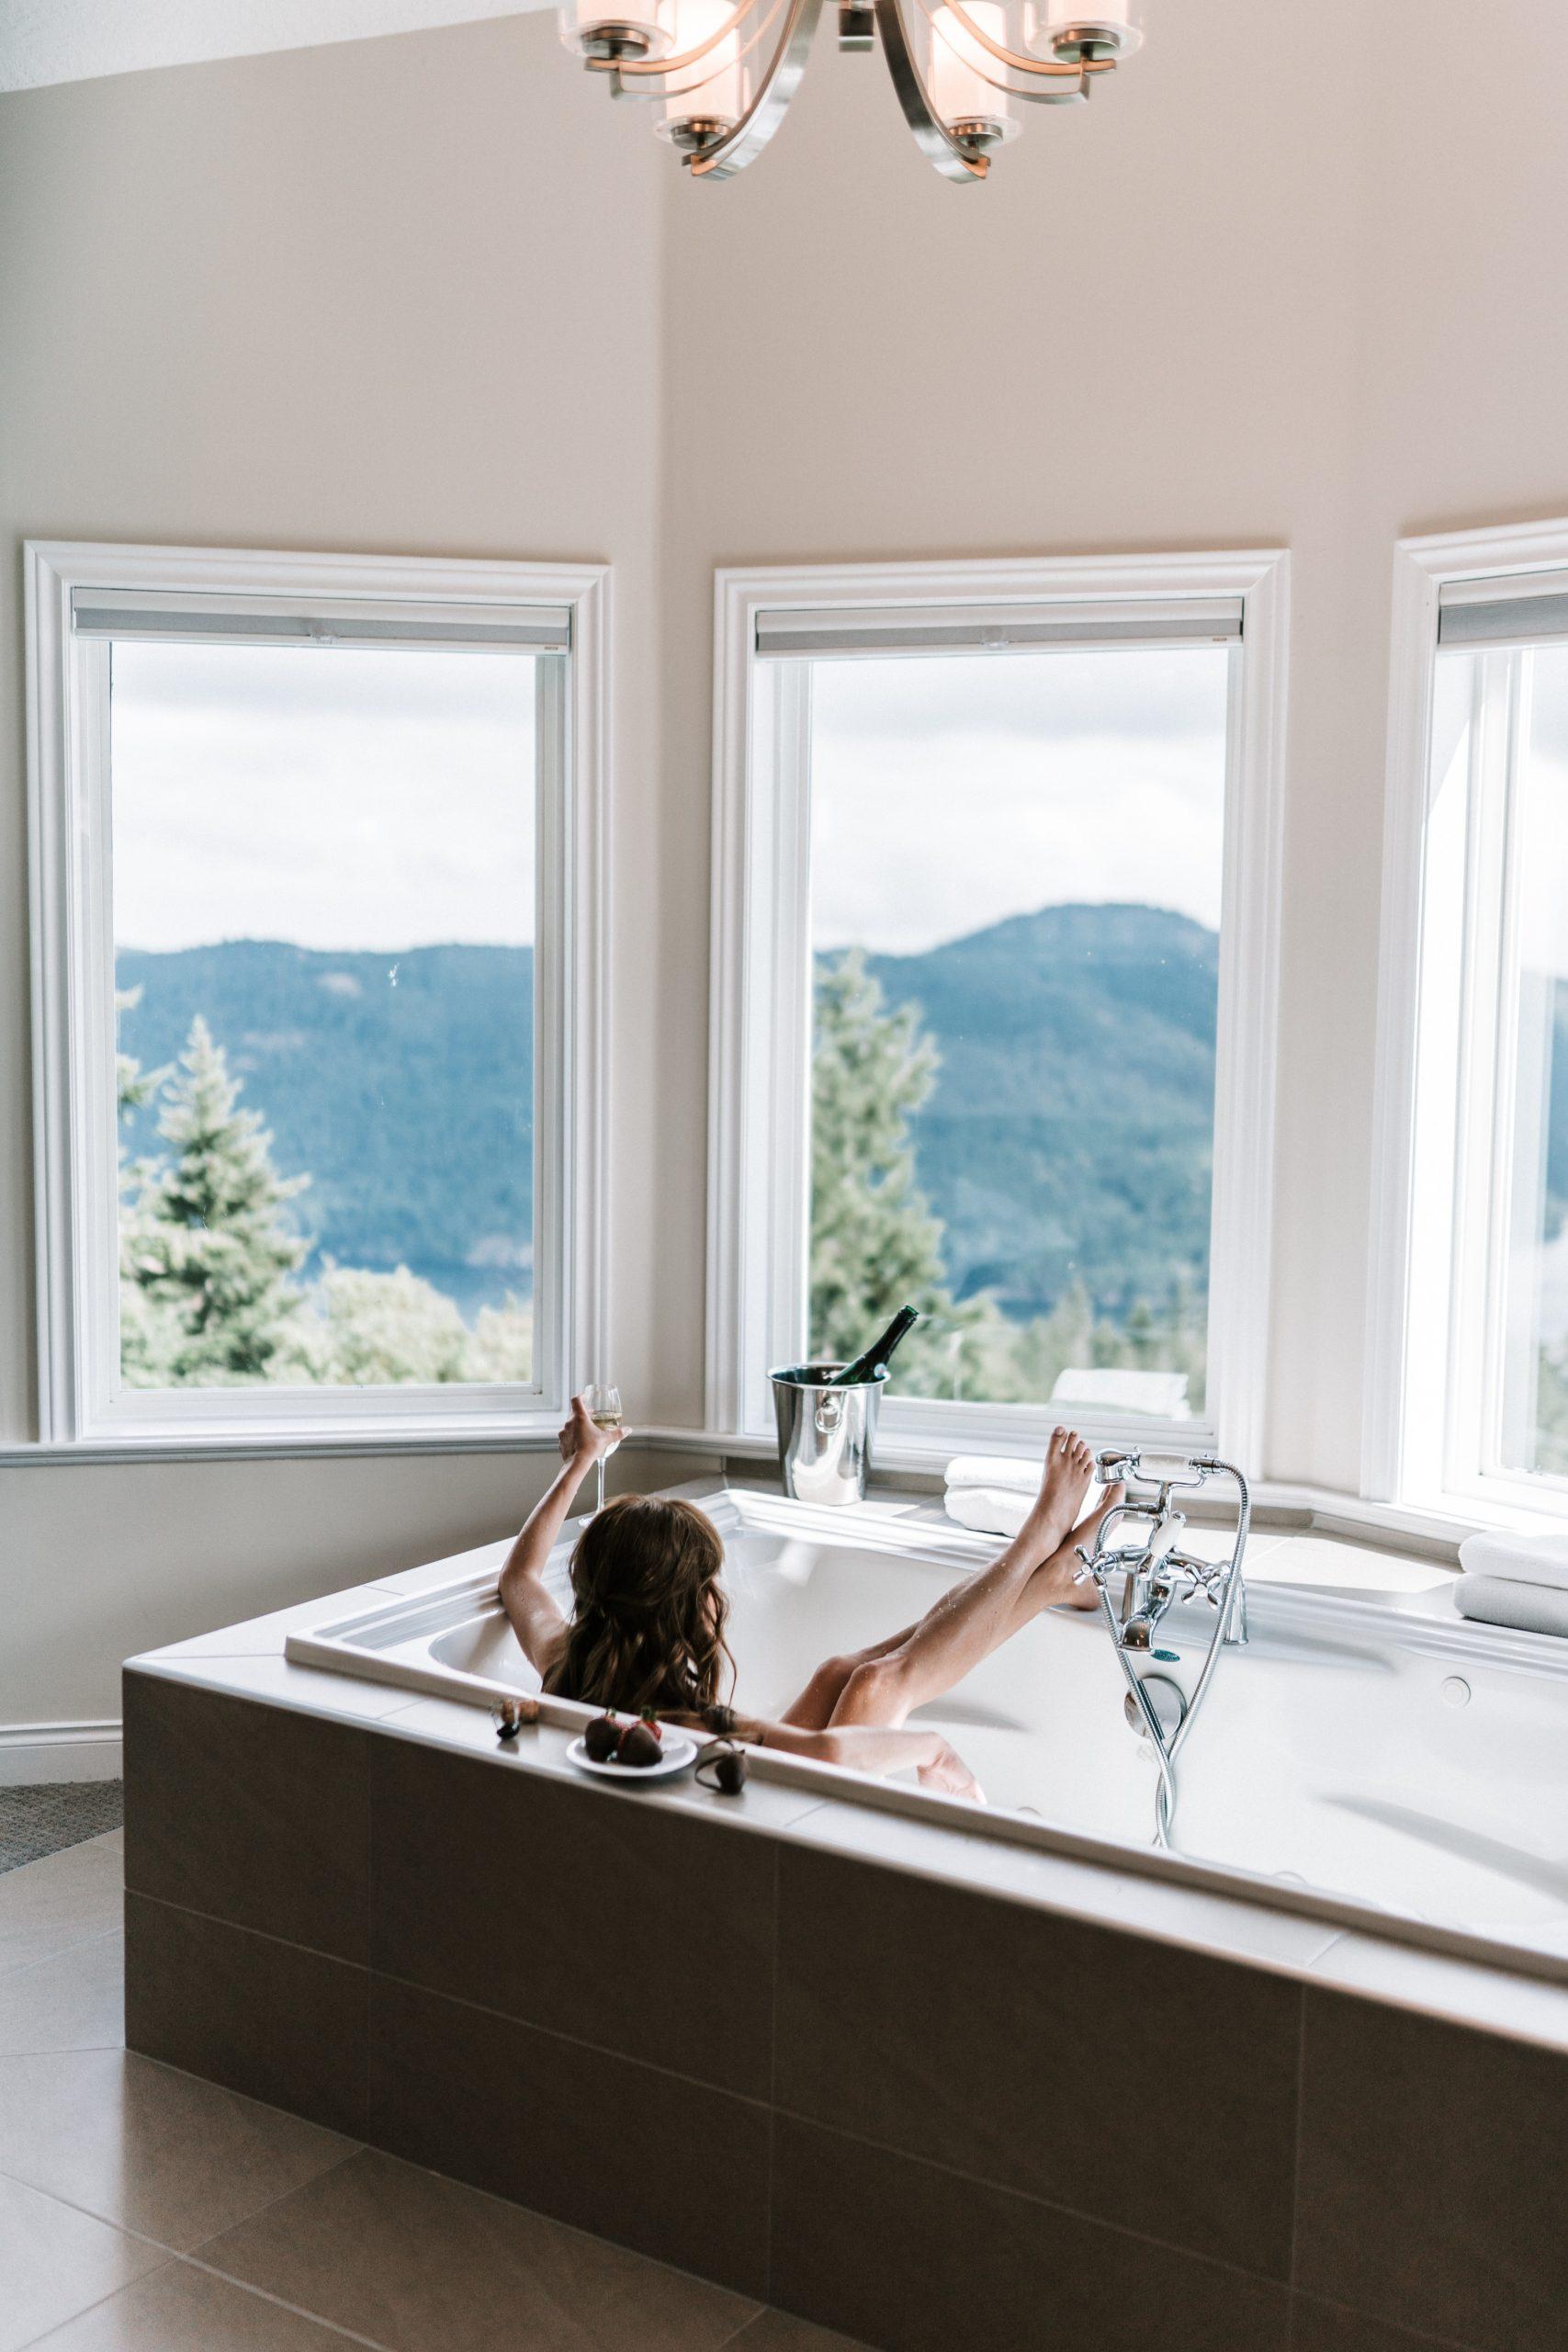 Una mujer disfrutando de un baño mientras toma una copa de champagne / Foto: Pexels